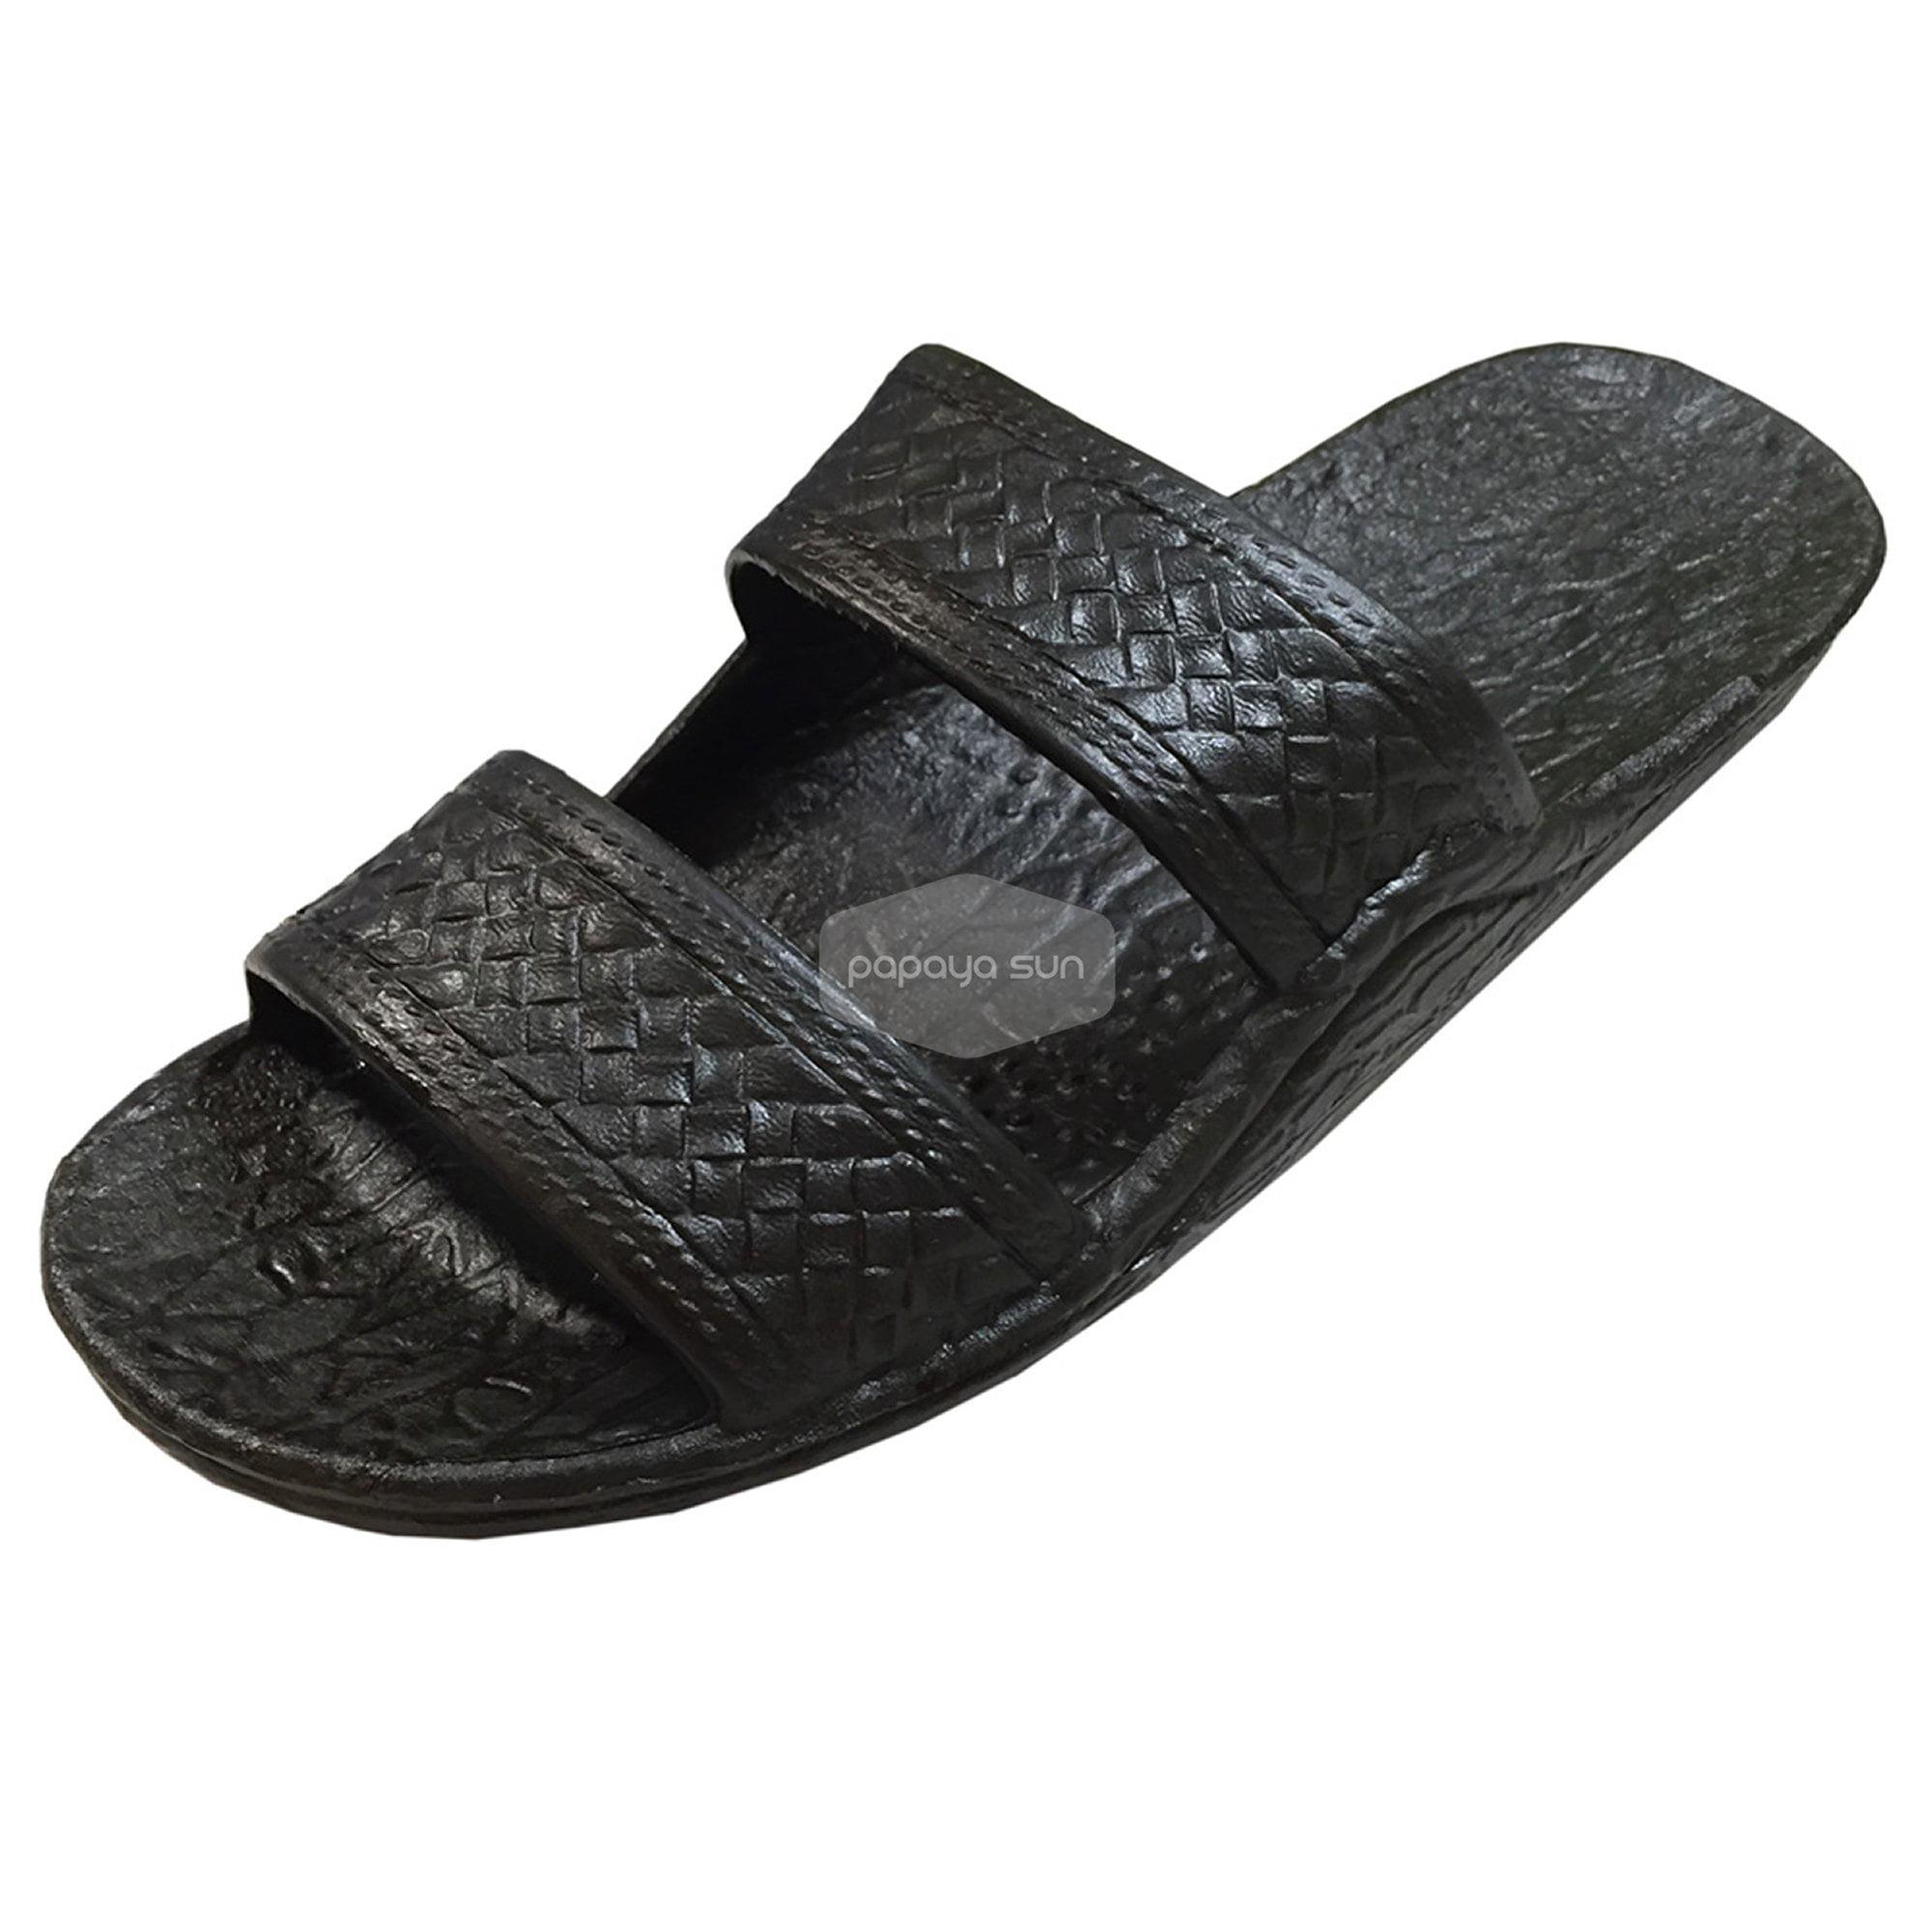 Pali Hawaii Jandals - Pali Hawaii Black